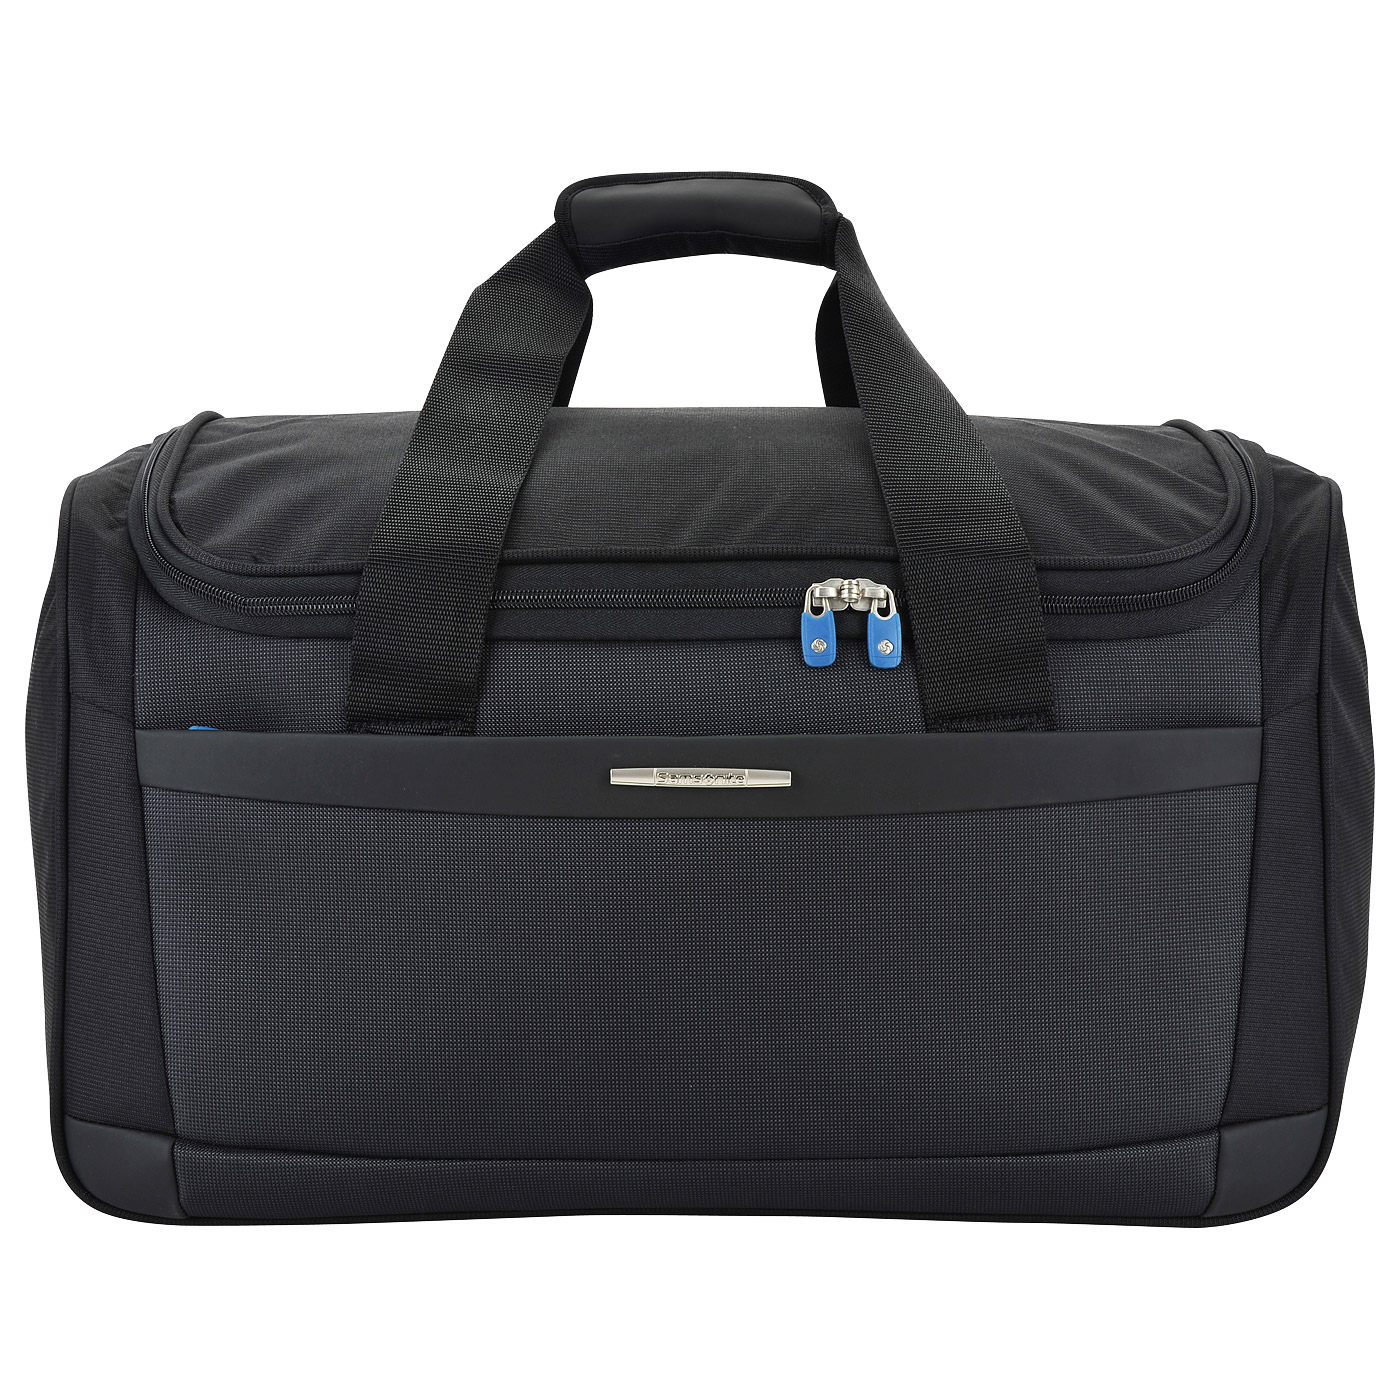 Рюкзаки бизнес коллекция женская коллекция спортивные сумки дорожные сумки рюкзак extreme 80 цена